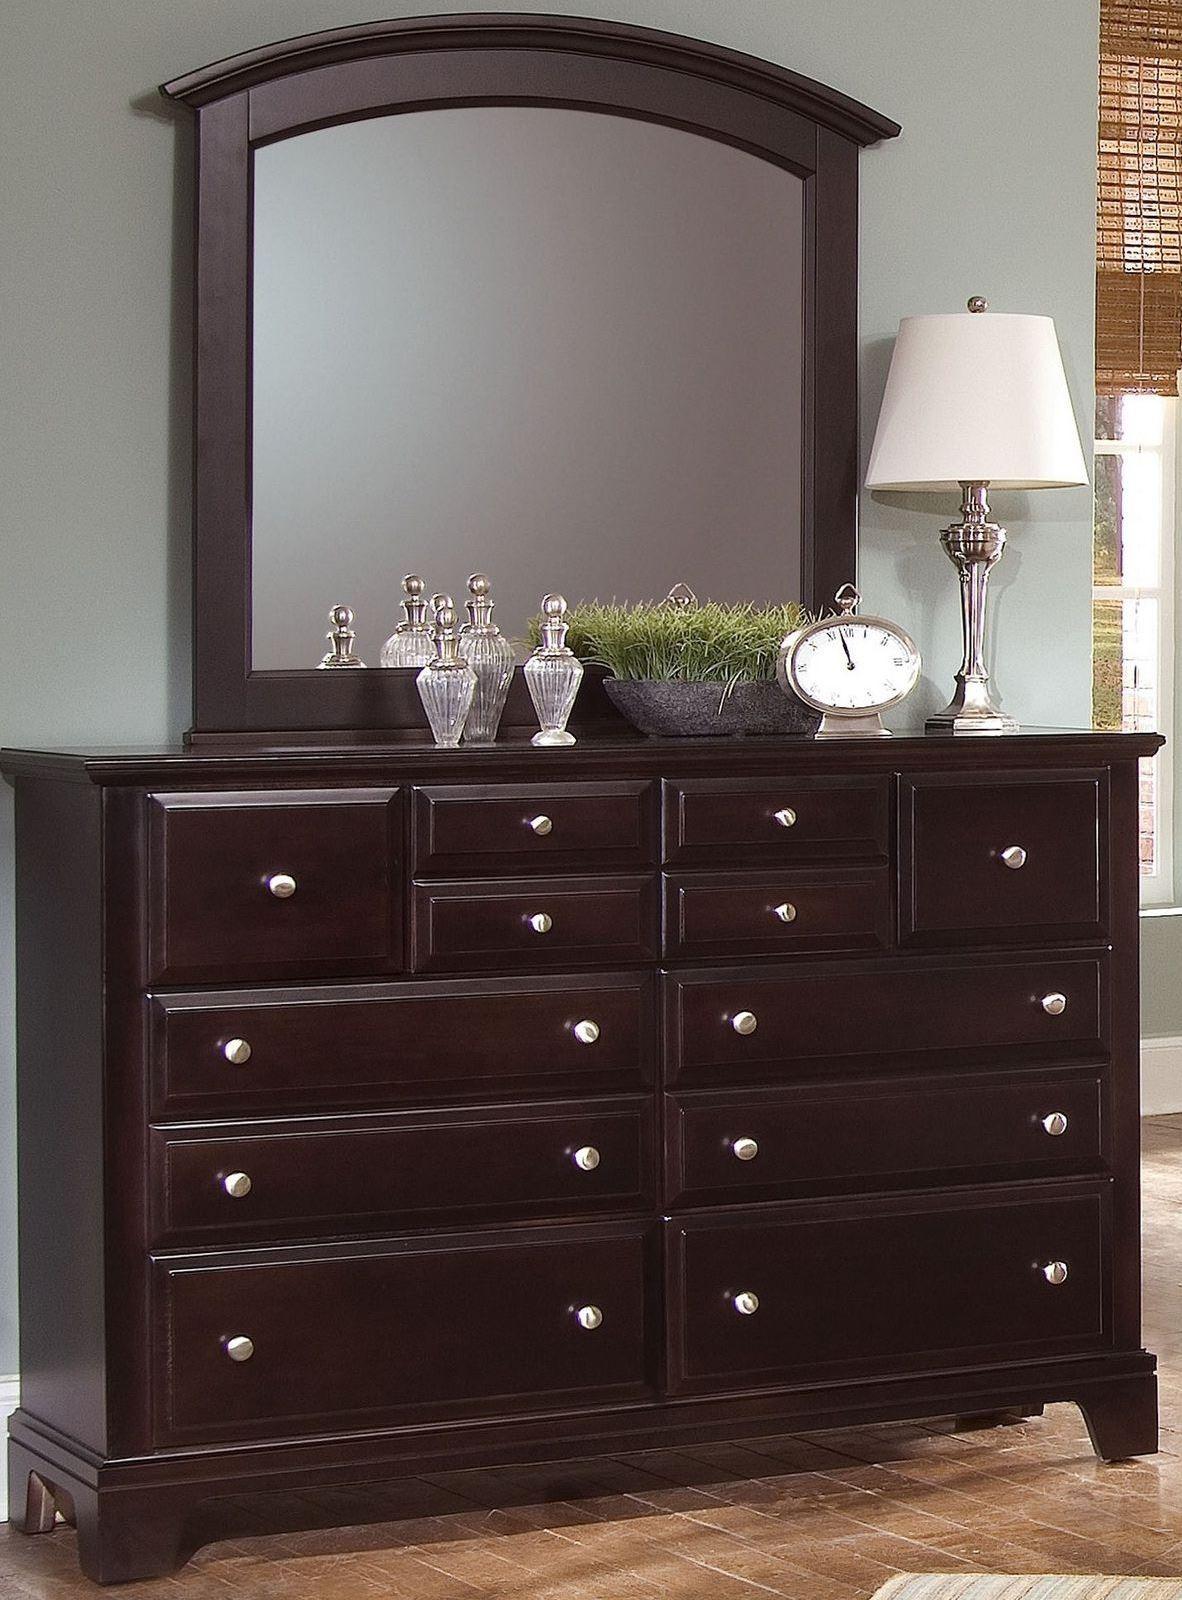 Hamilton Franklin Merlot Panel Bedroom Set BB4 558 855 922 Vaughan Bassett